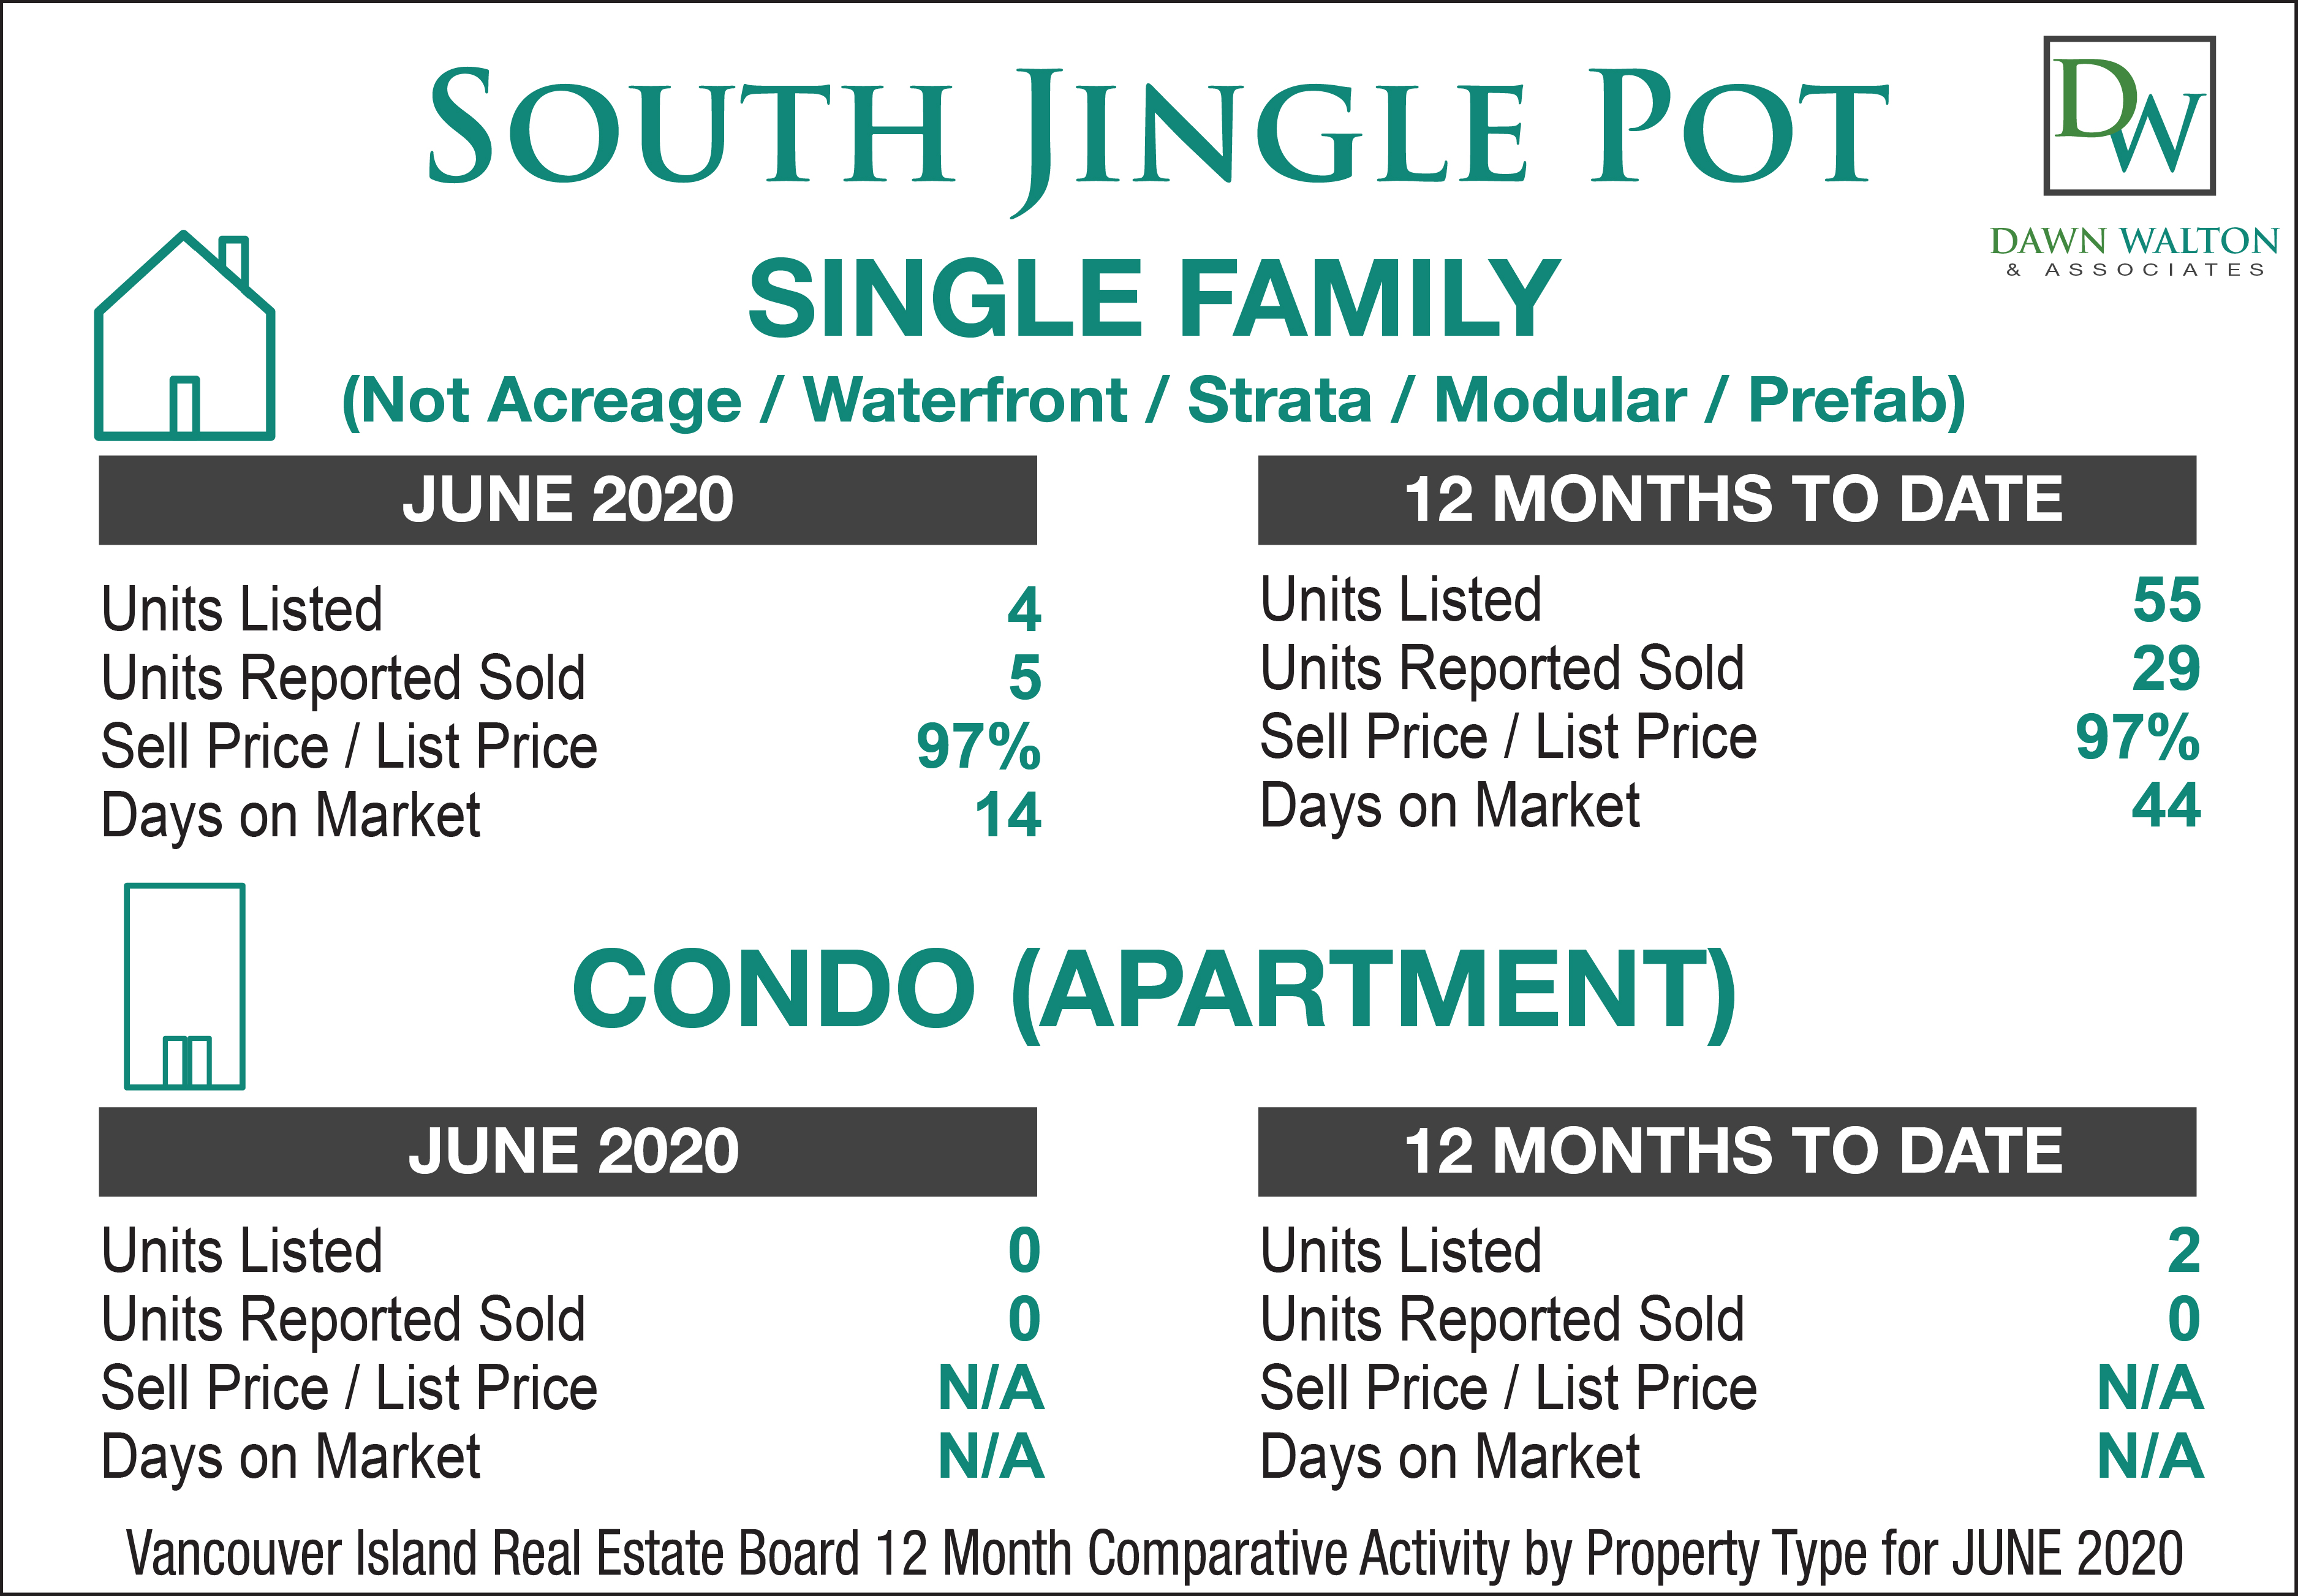 South Jingle Pot Real Estate Market Stats April 2020 - Nanaimo Realtor Dawn Walton